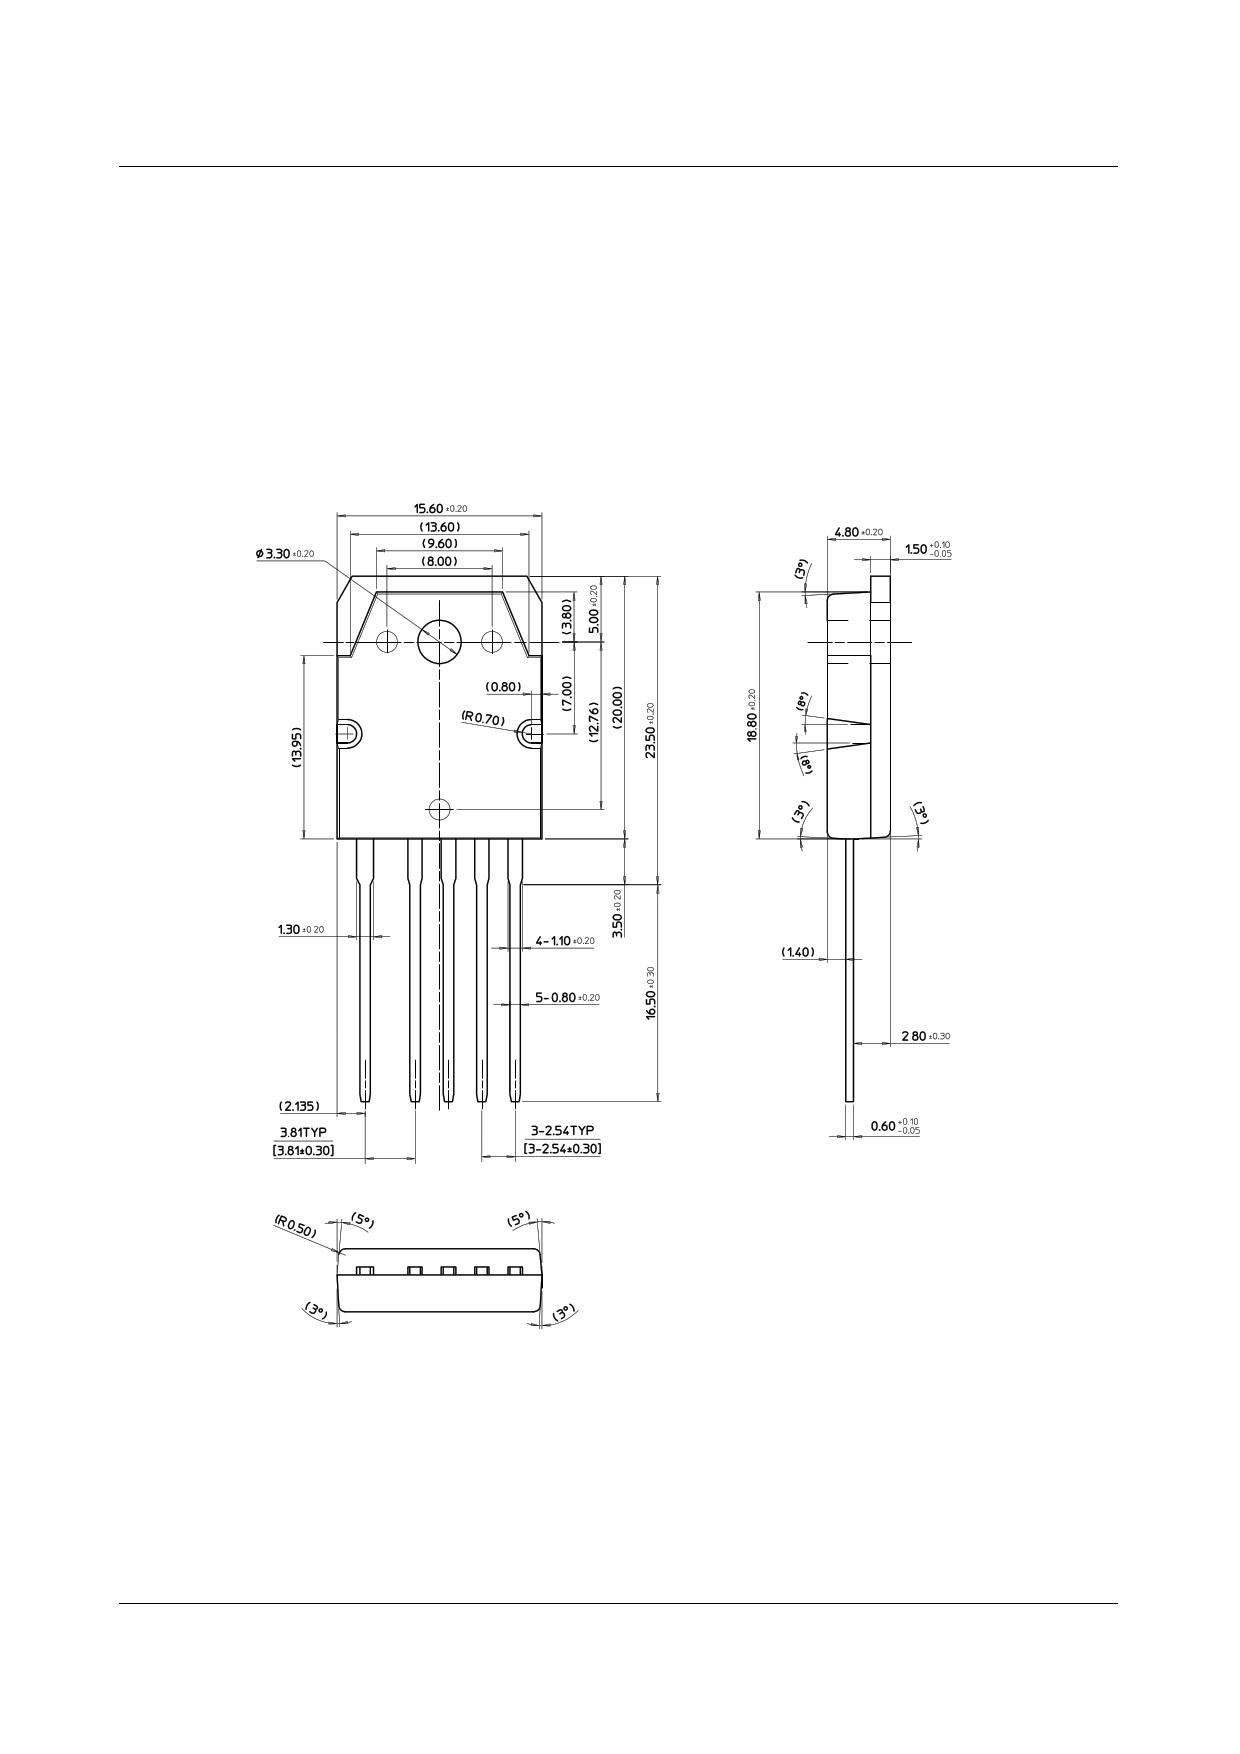 FS7KM-5 arduino